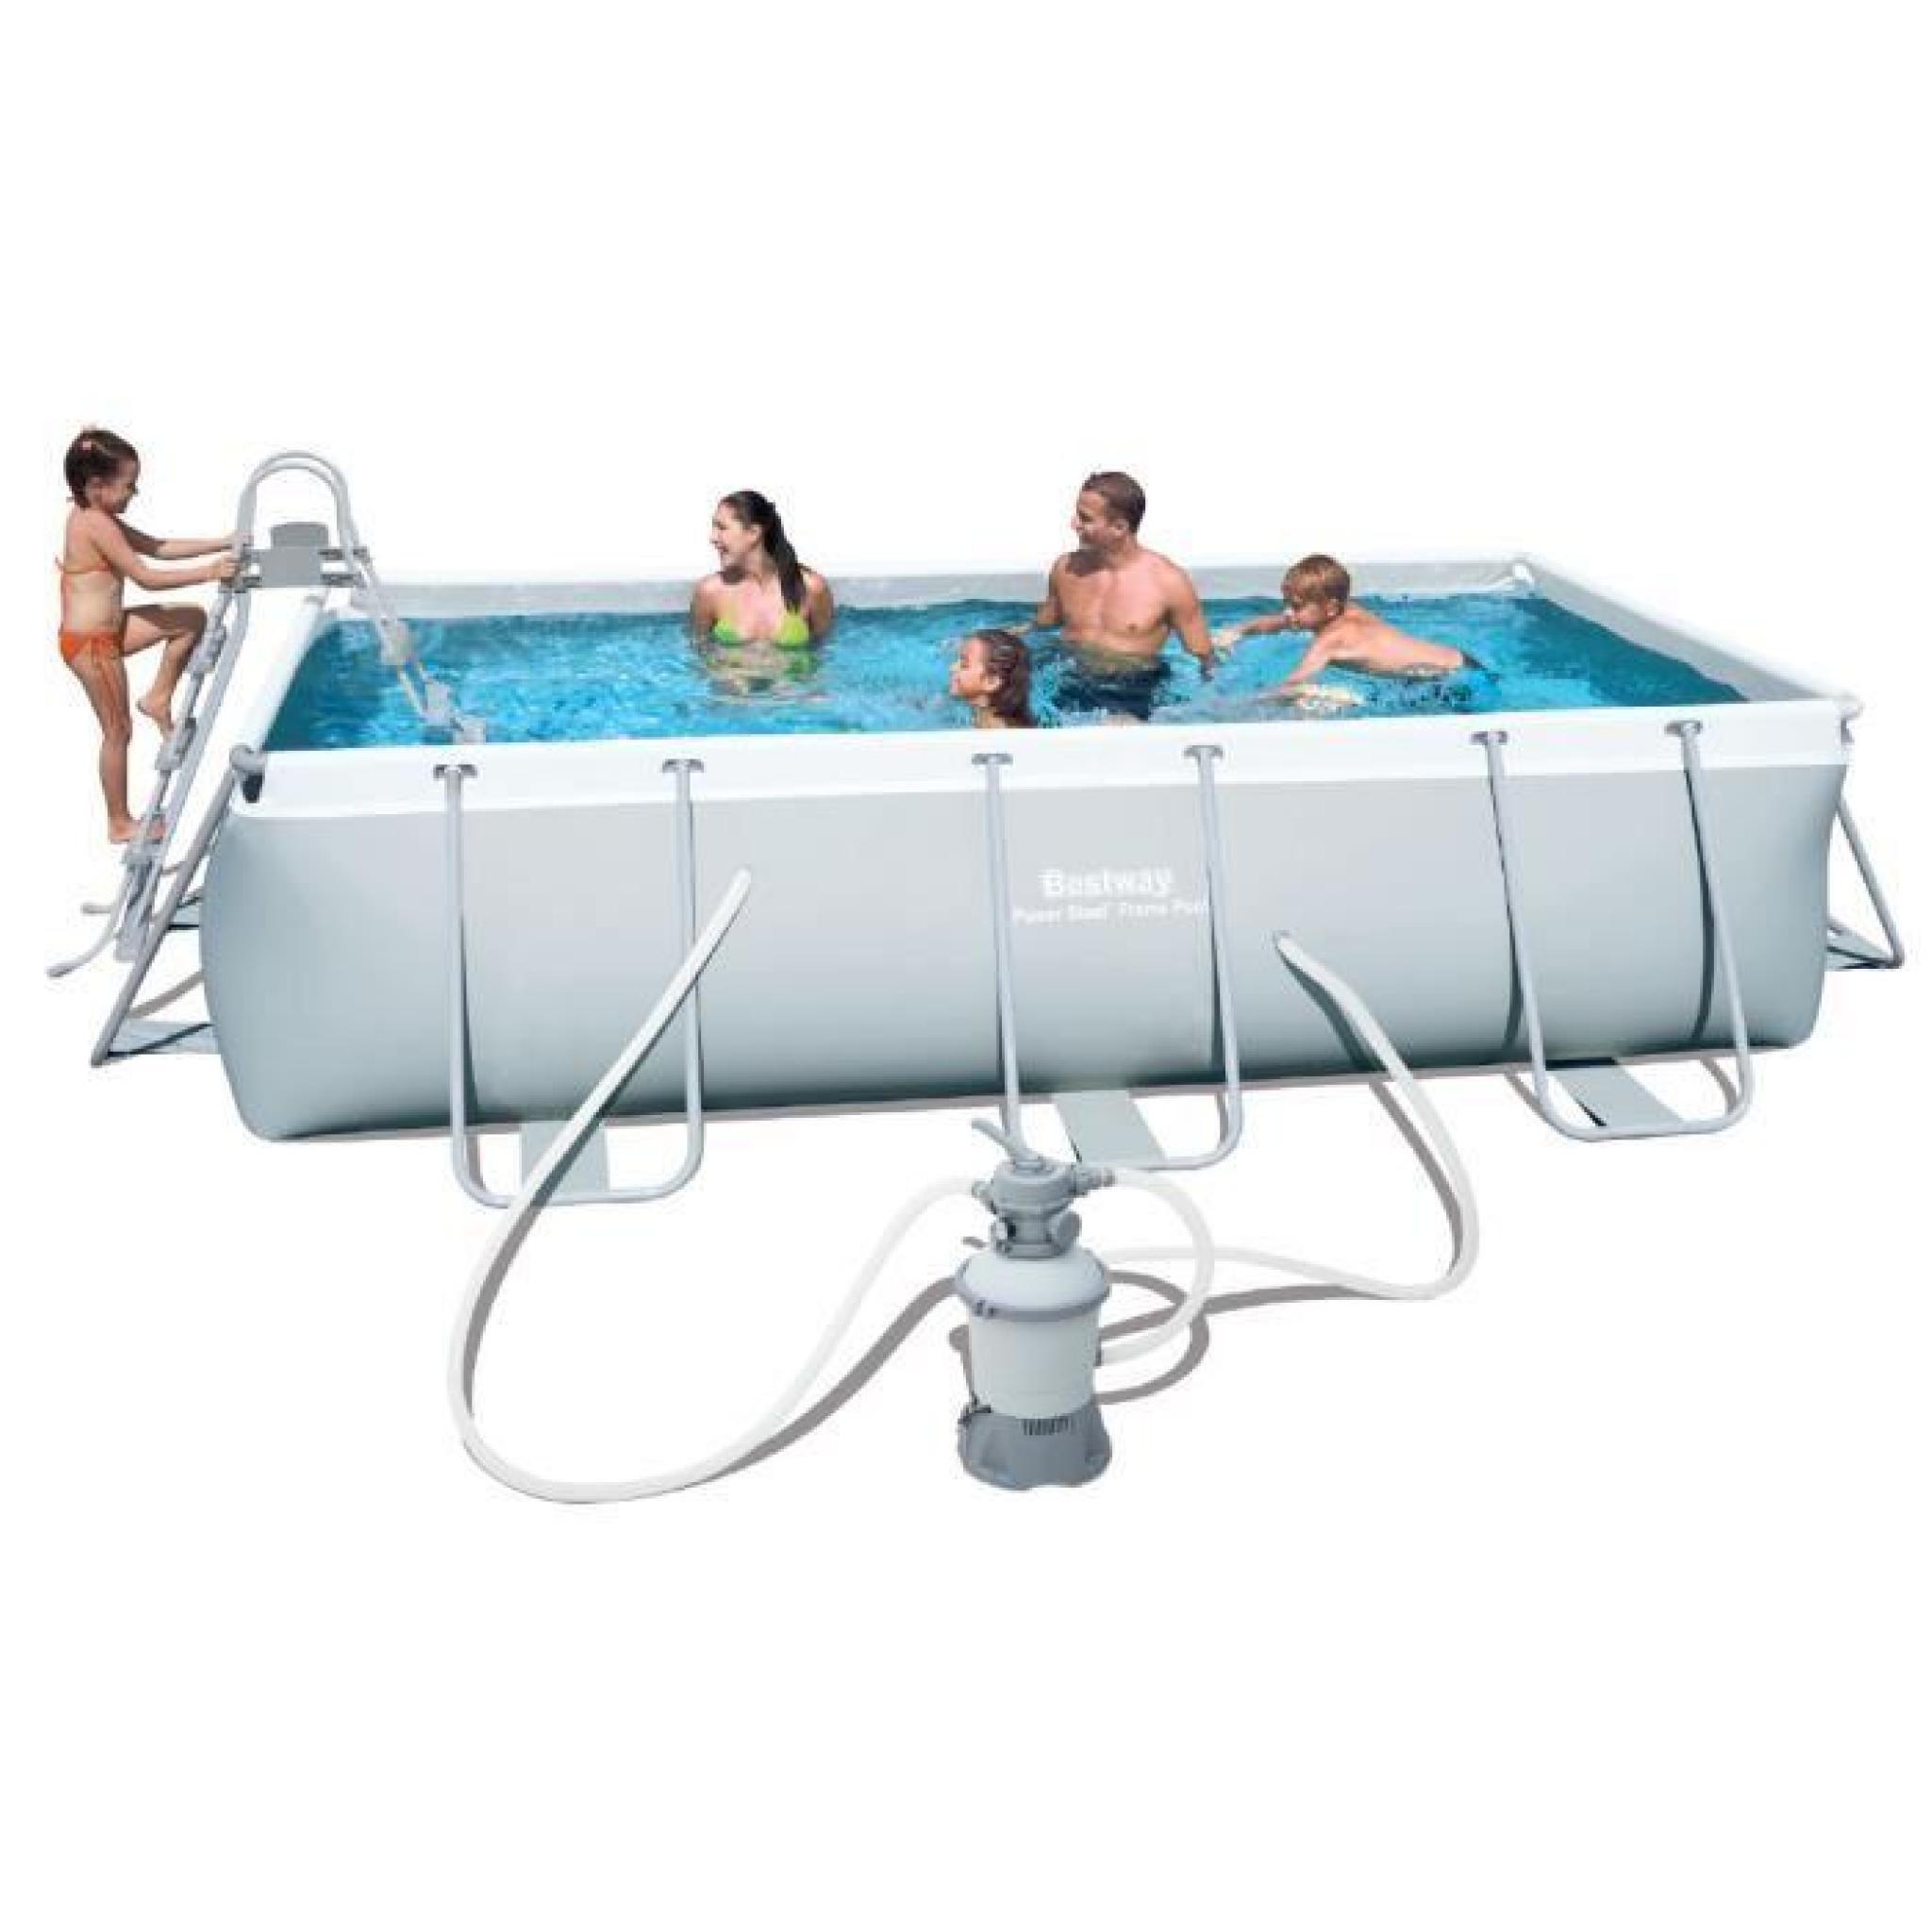 Piscine tubulaire rectangulaire bestway filtre sable achat vente piscine hors - Filtre a sable piscine pas cher ...